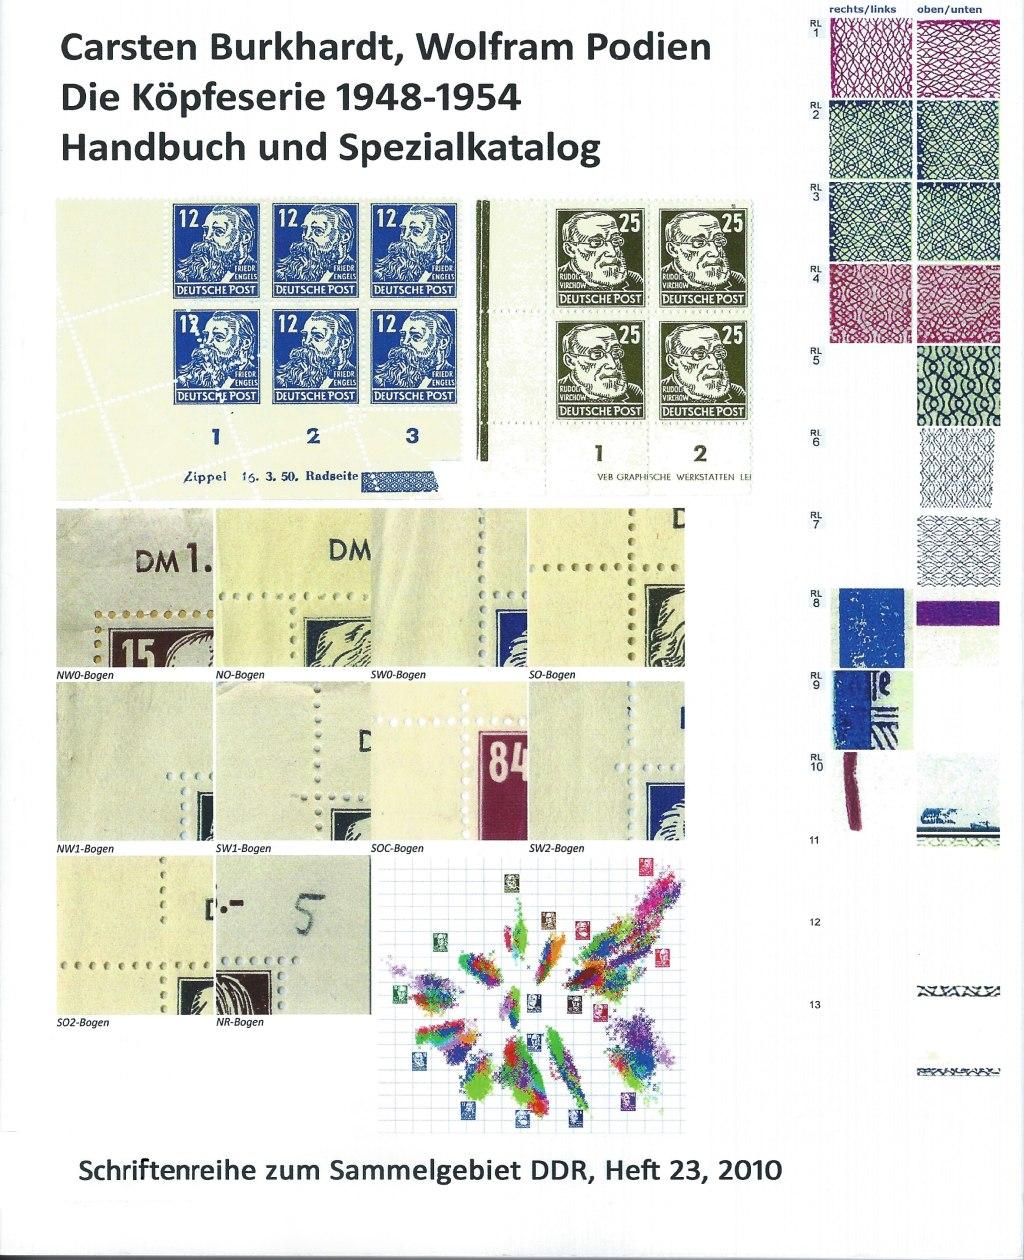 DDR Philatelie Literatur Köpfe Pieck Dauerserie